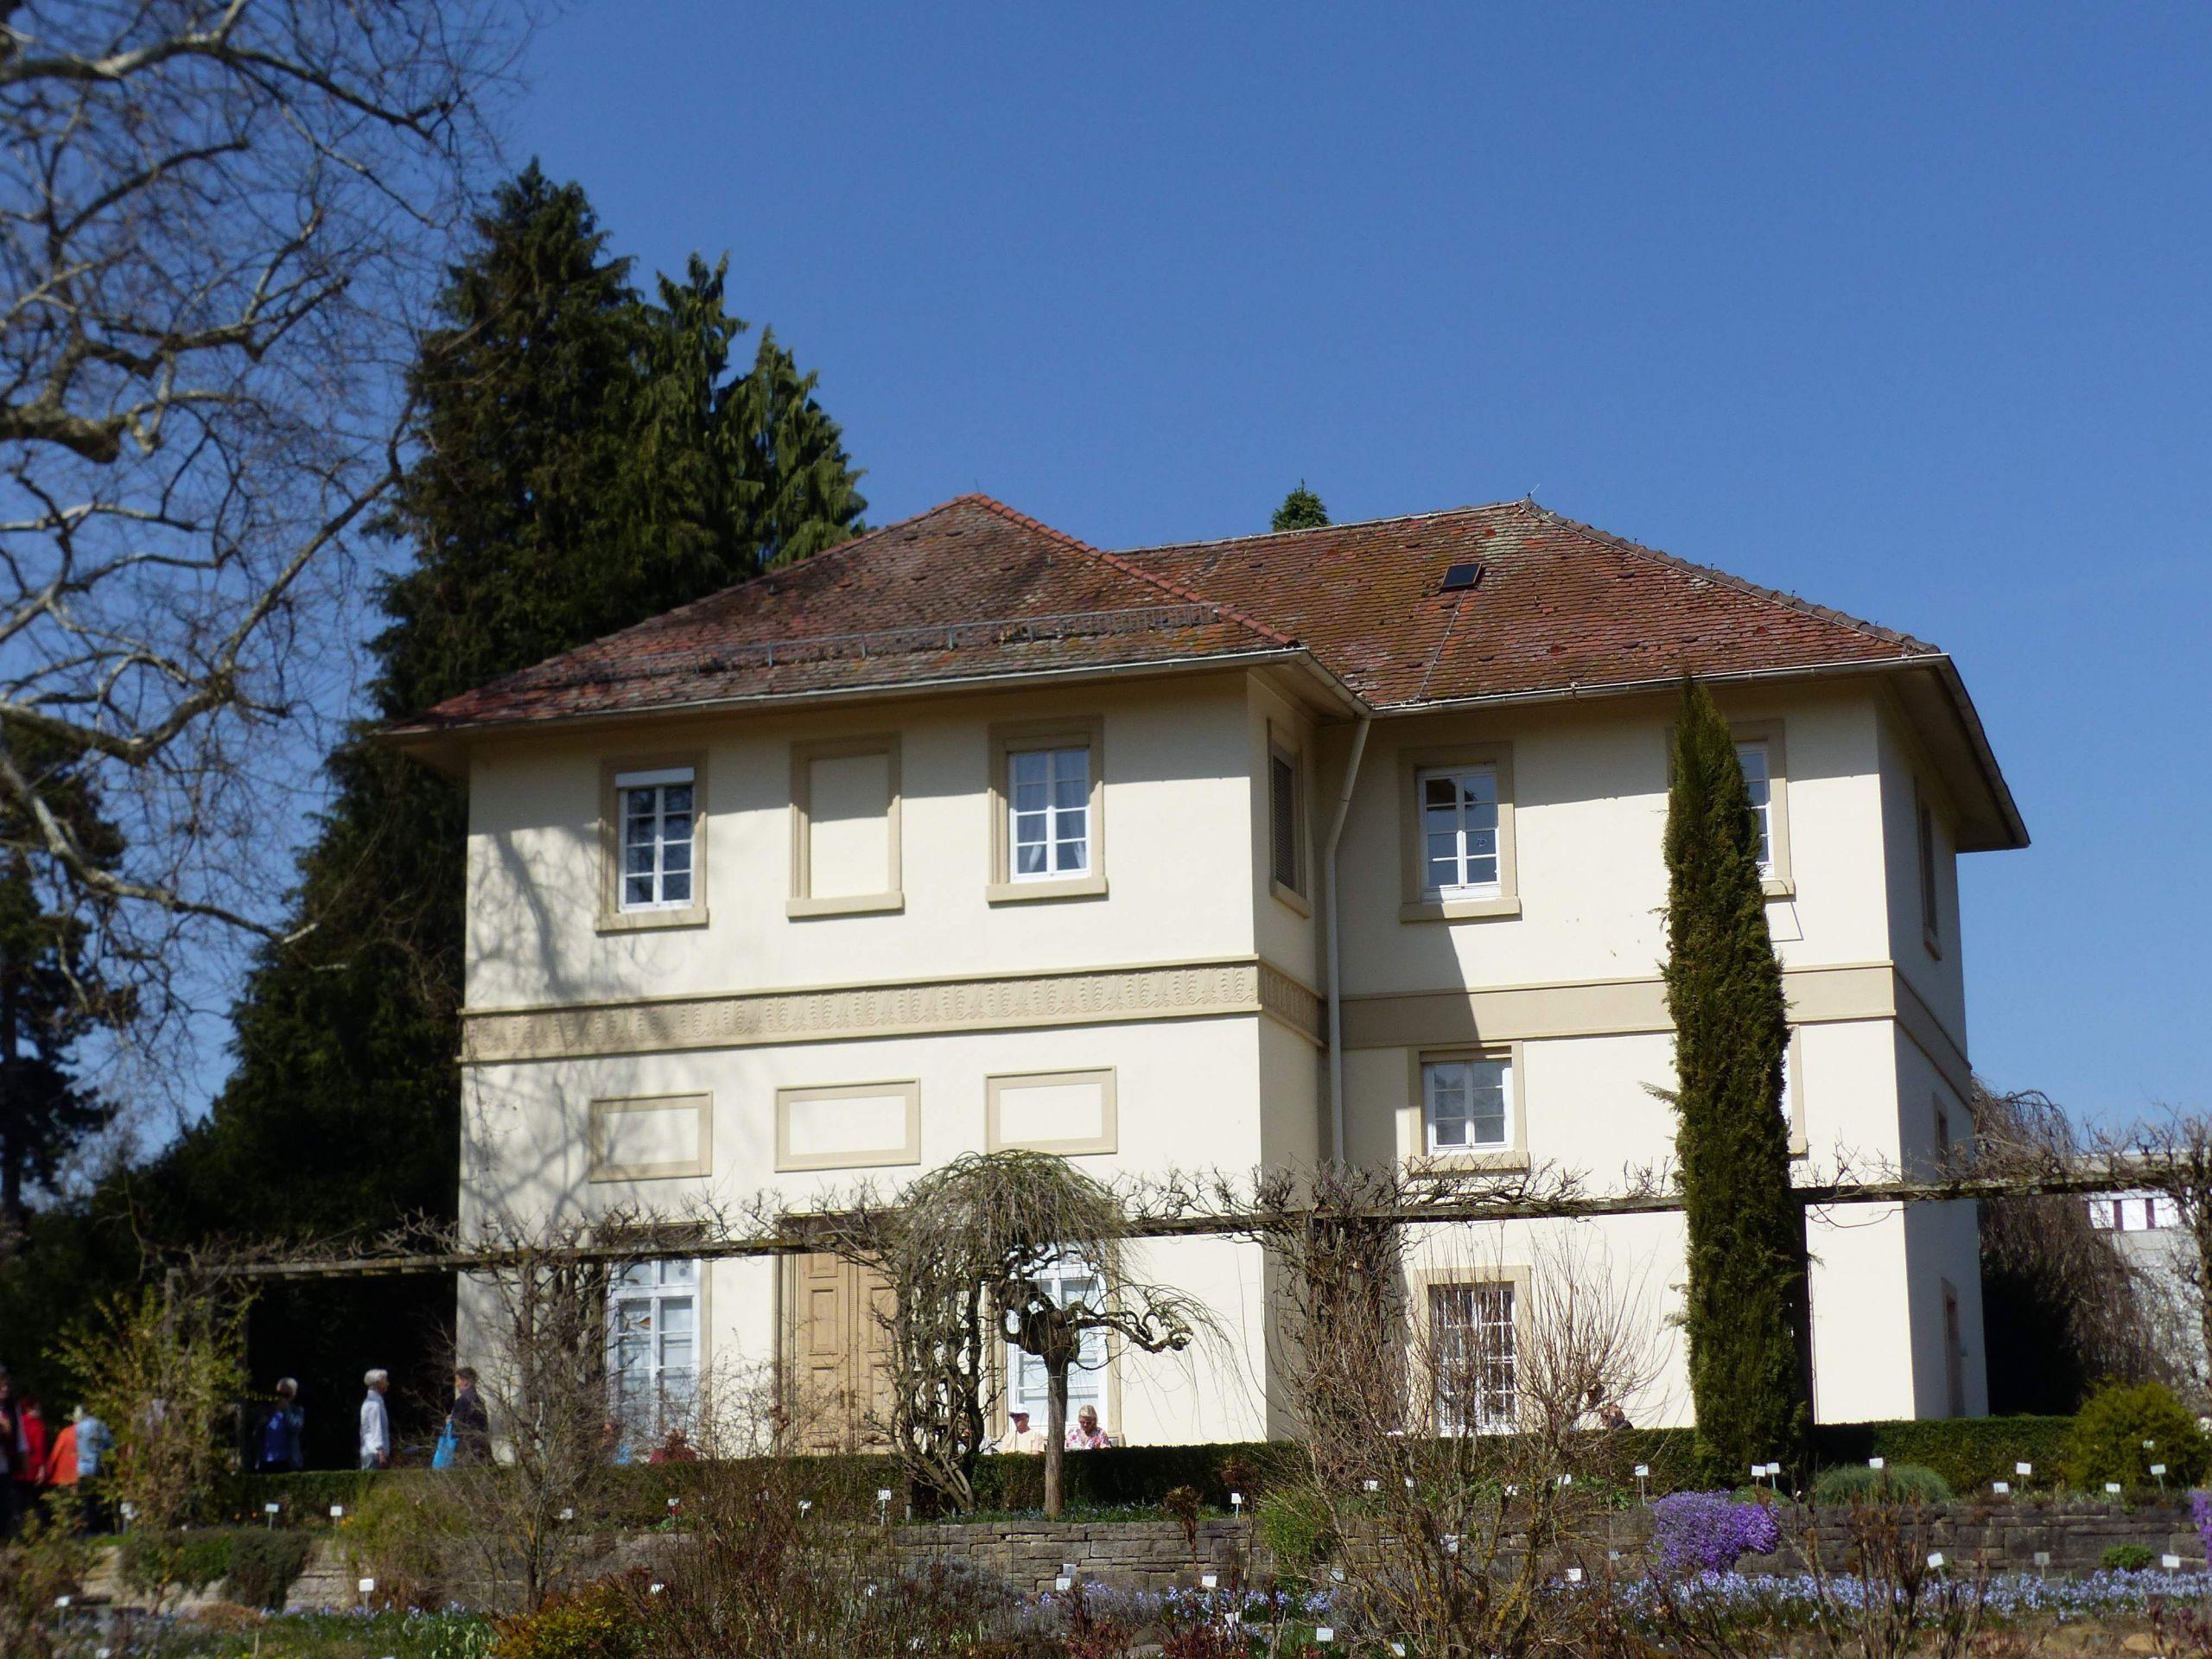 Sogenanntes Spielhaus Exotischer Garten 1 Stuttgart